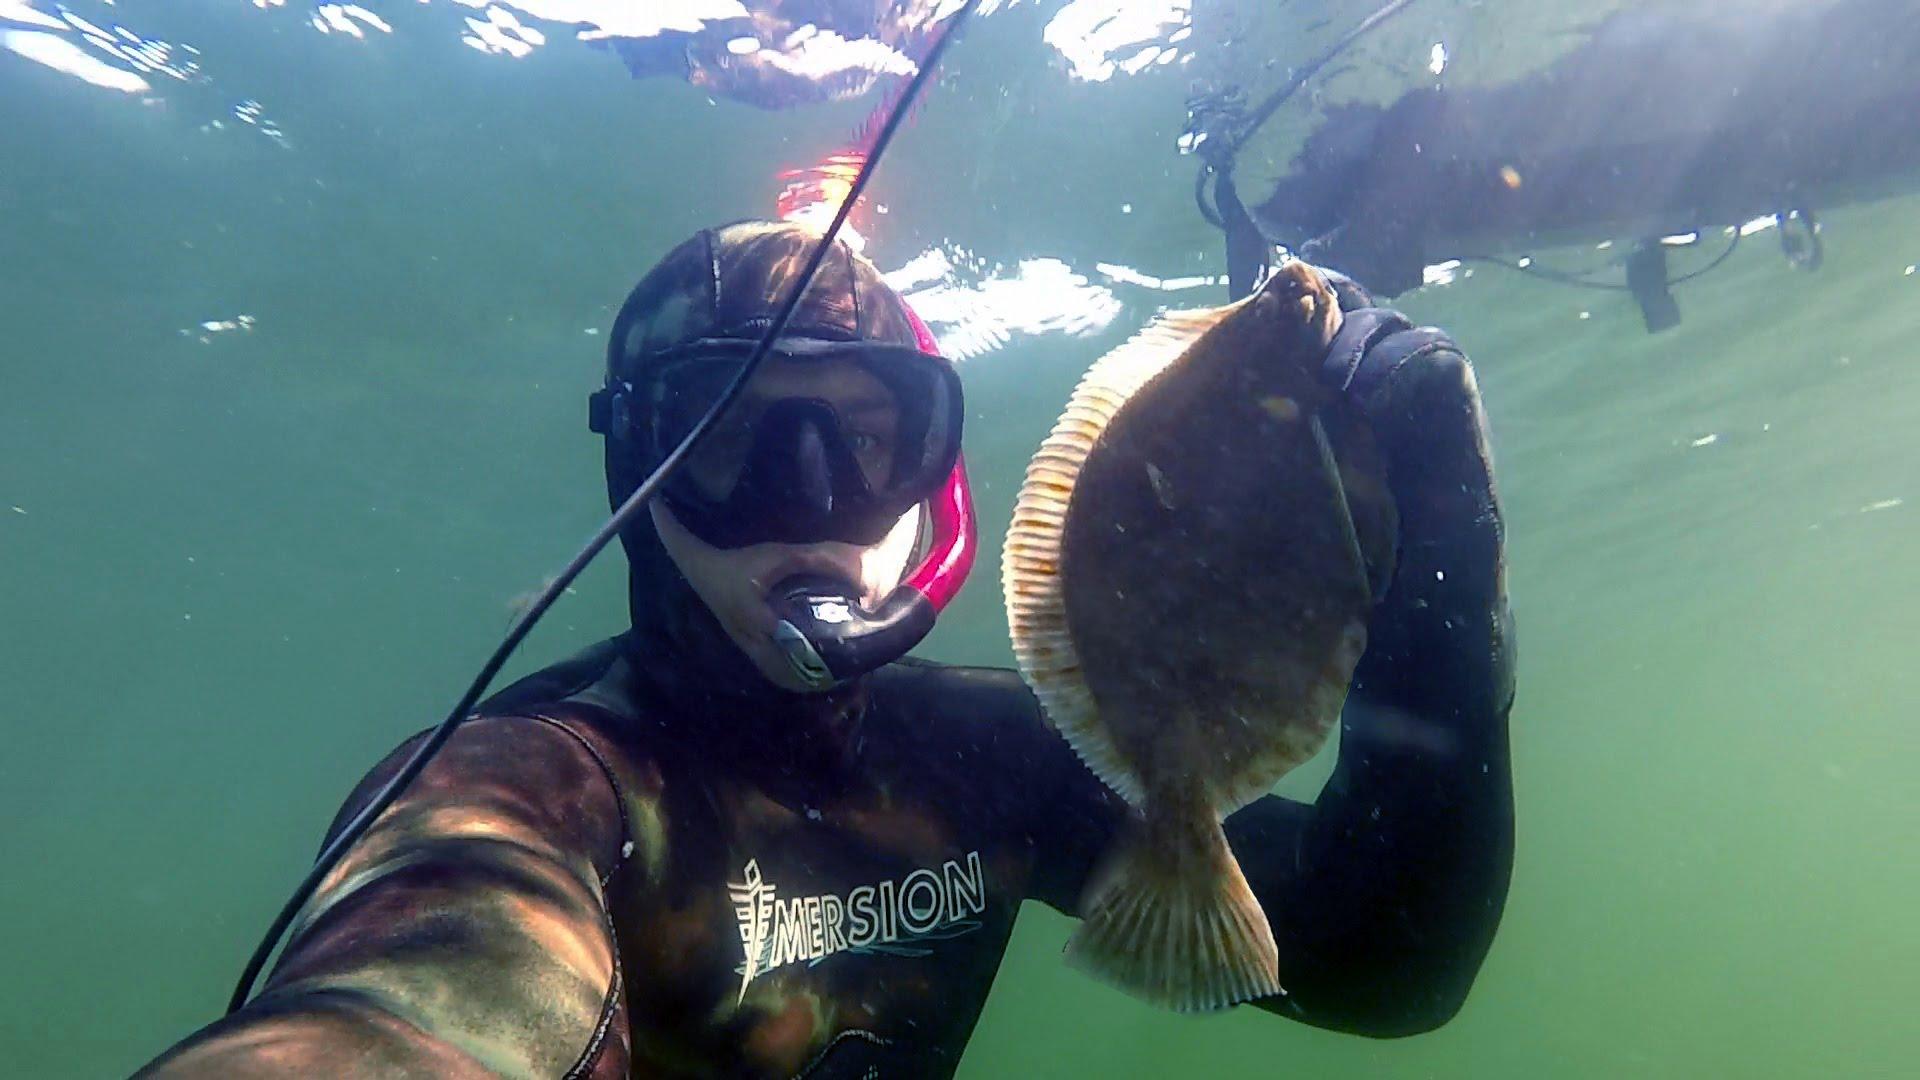 Подводный охотник с камбалой в руках